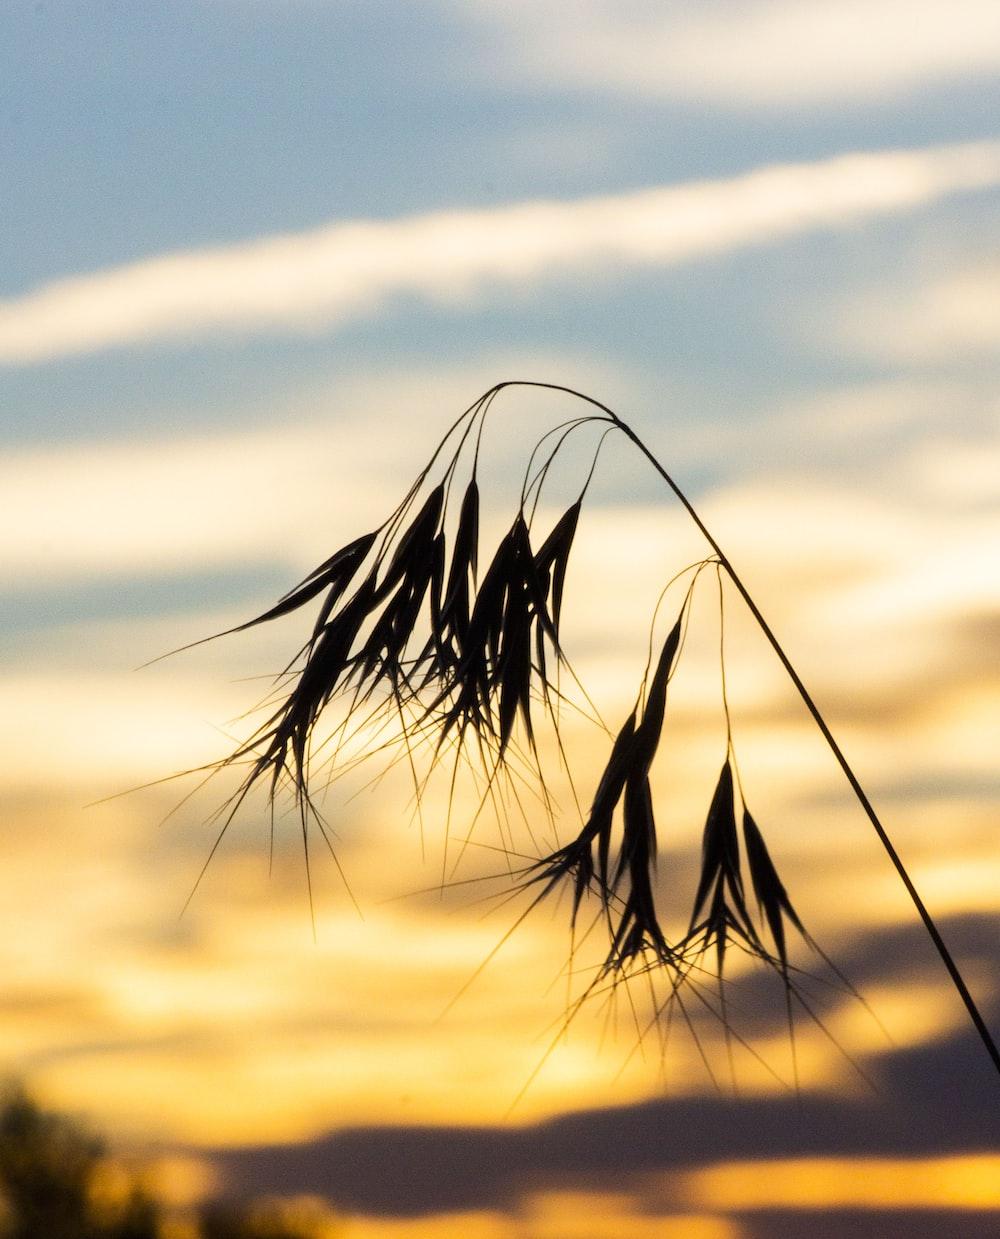 leaf during golden hour